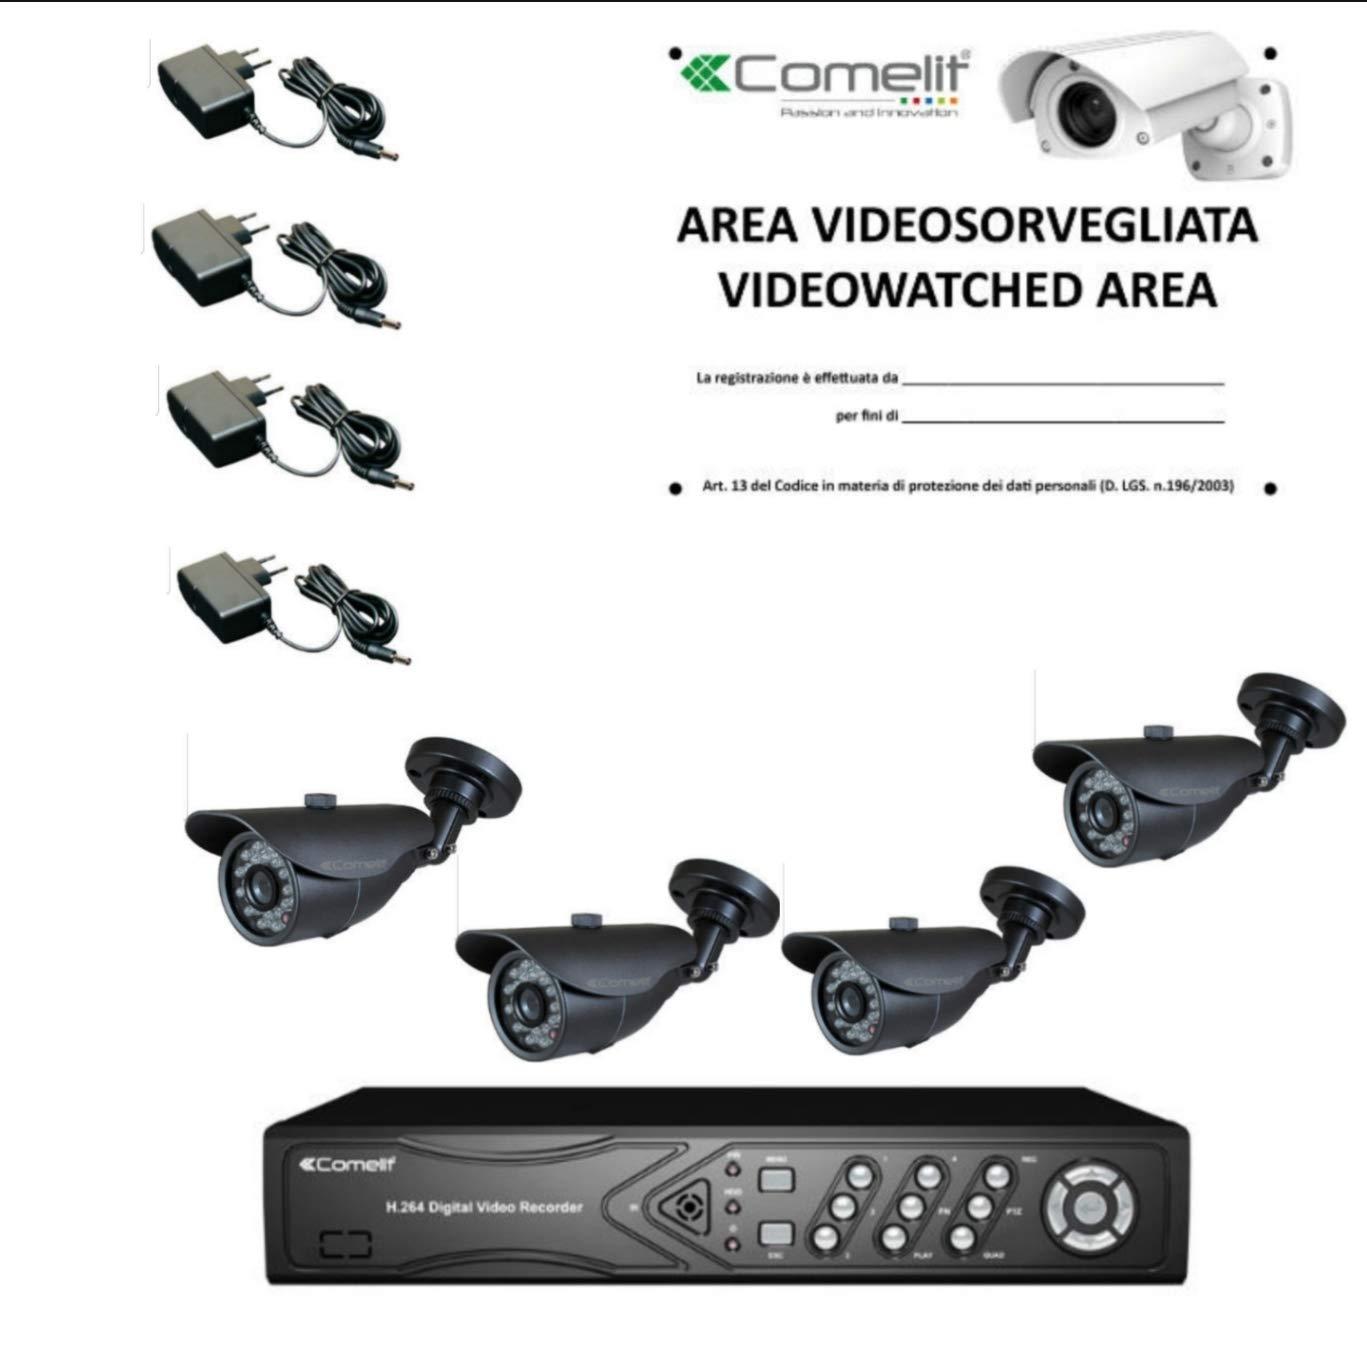 Kit cámara videovigilancia comelit 1dvr 1TB, 4 cámaras ...